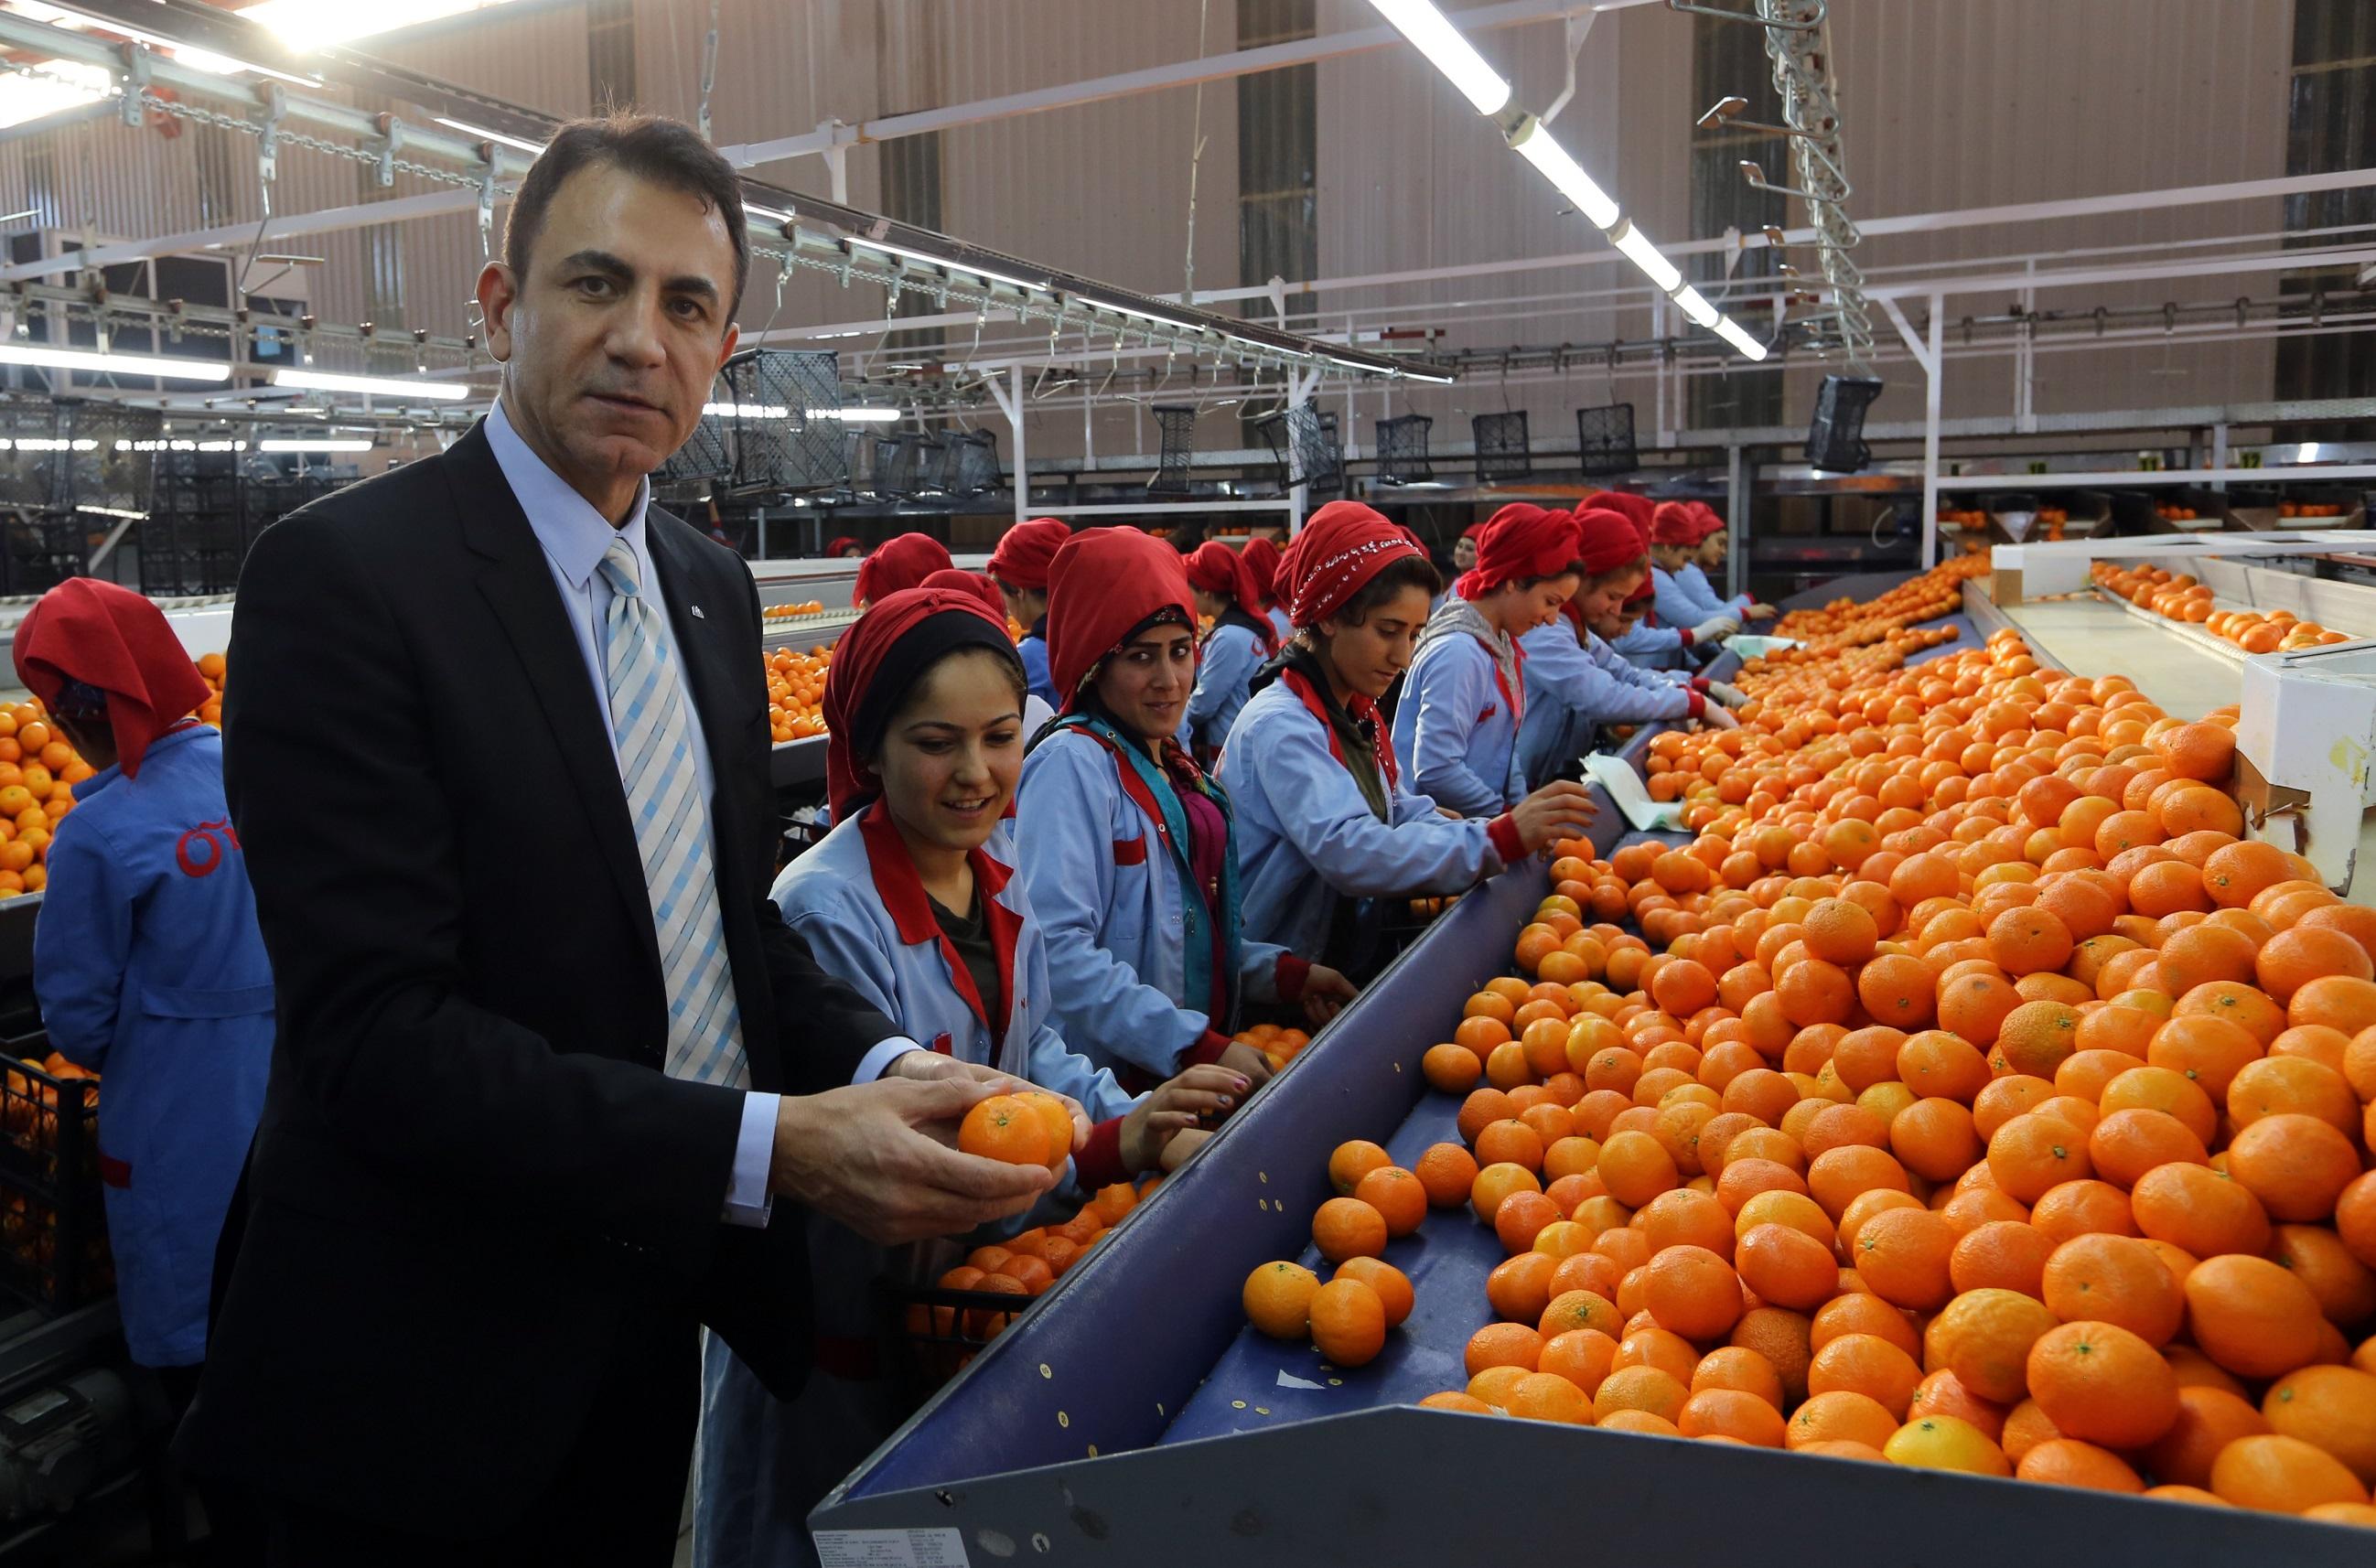 Akdeniz'den ihracat 13.5 milyar dolara ulaştı